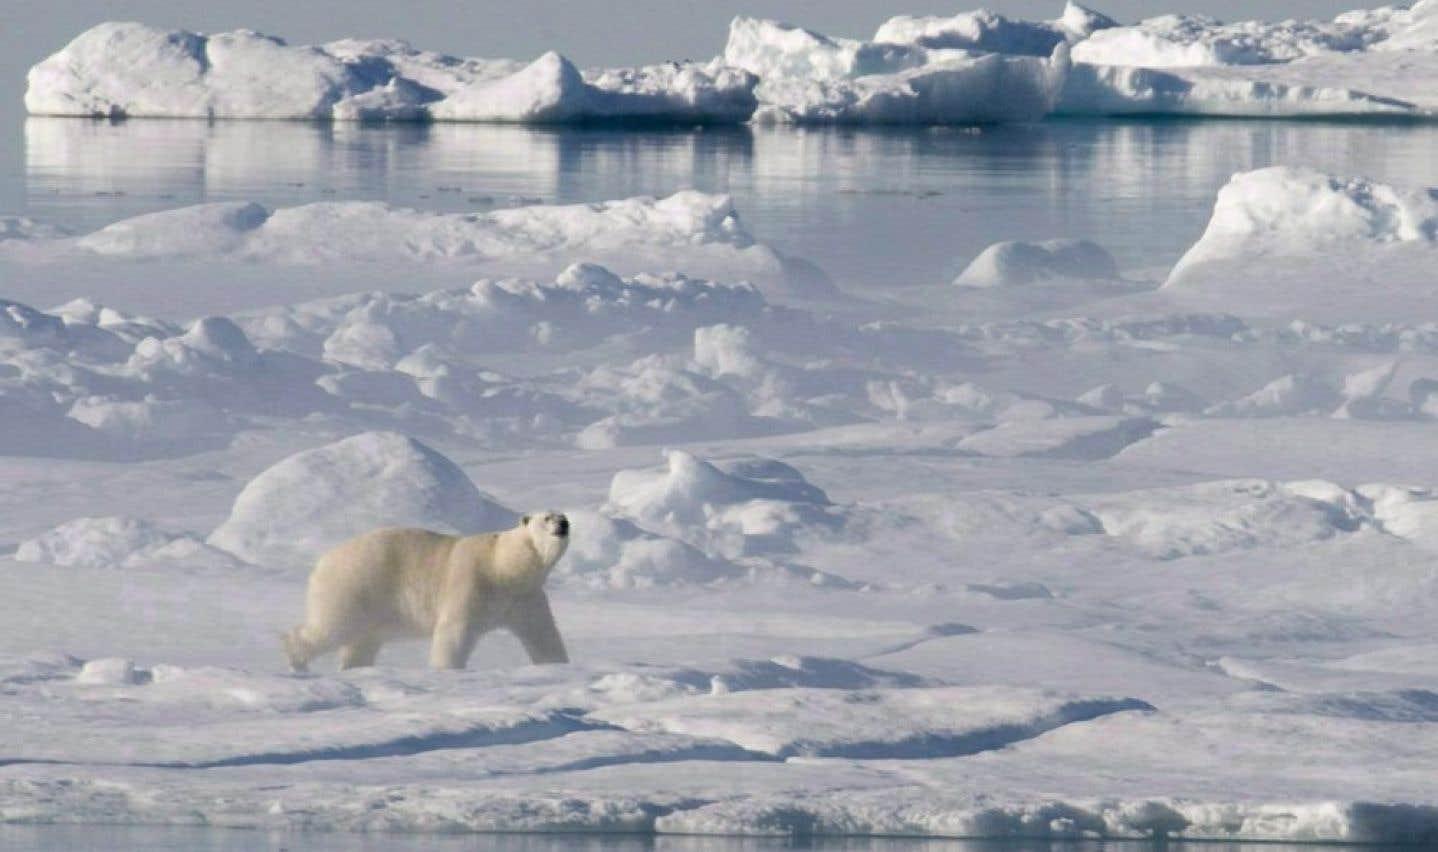 Énergie dans l'Arctique: les Autochtones réitèrent leur opposition aux forages pétroliers